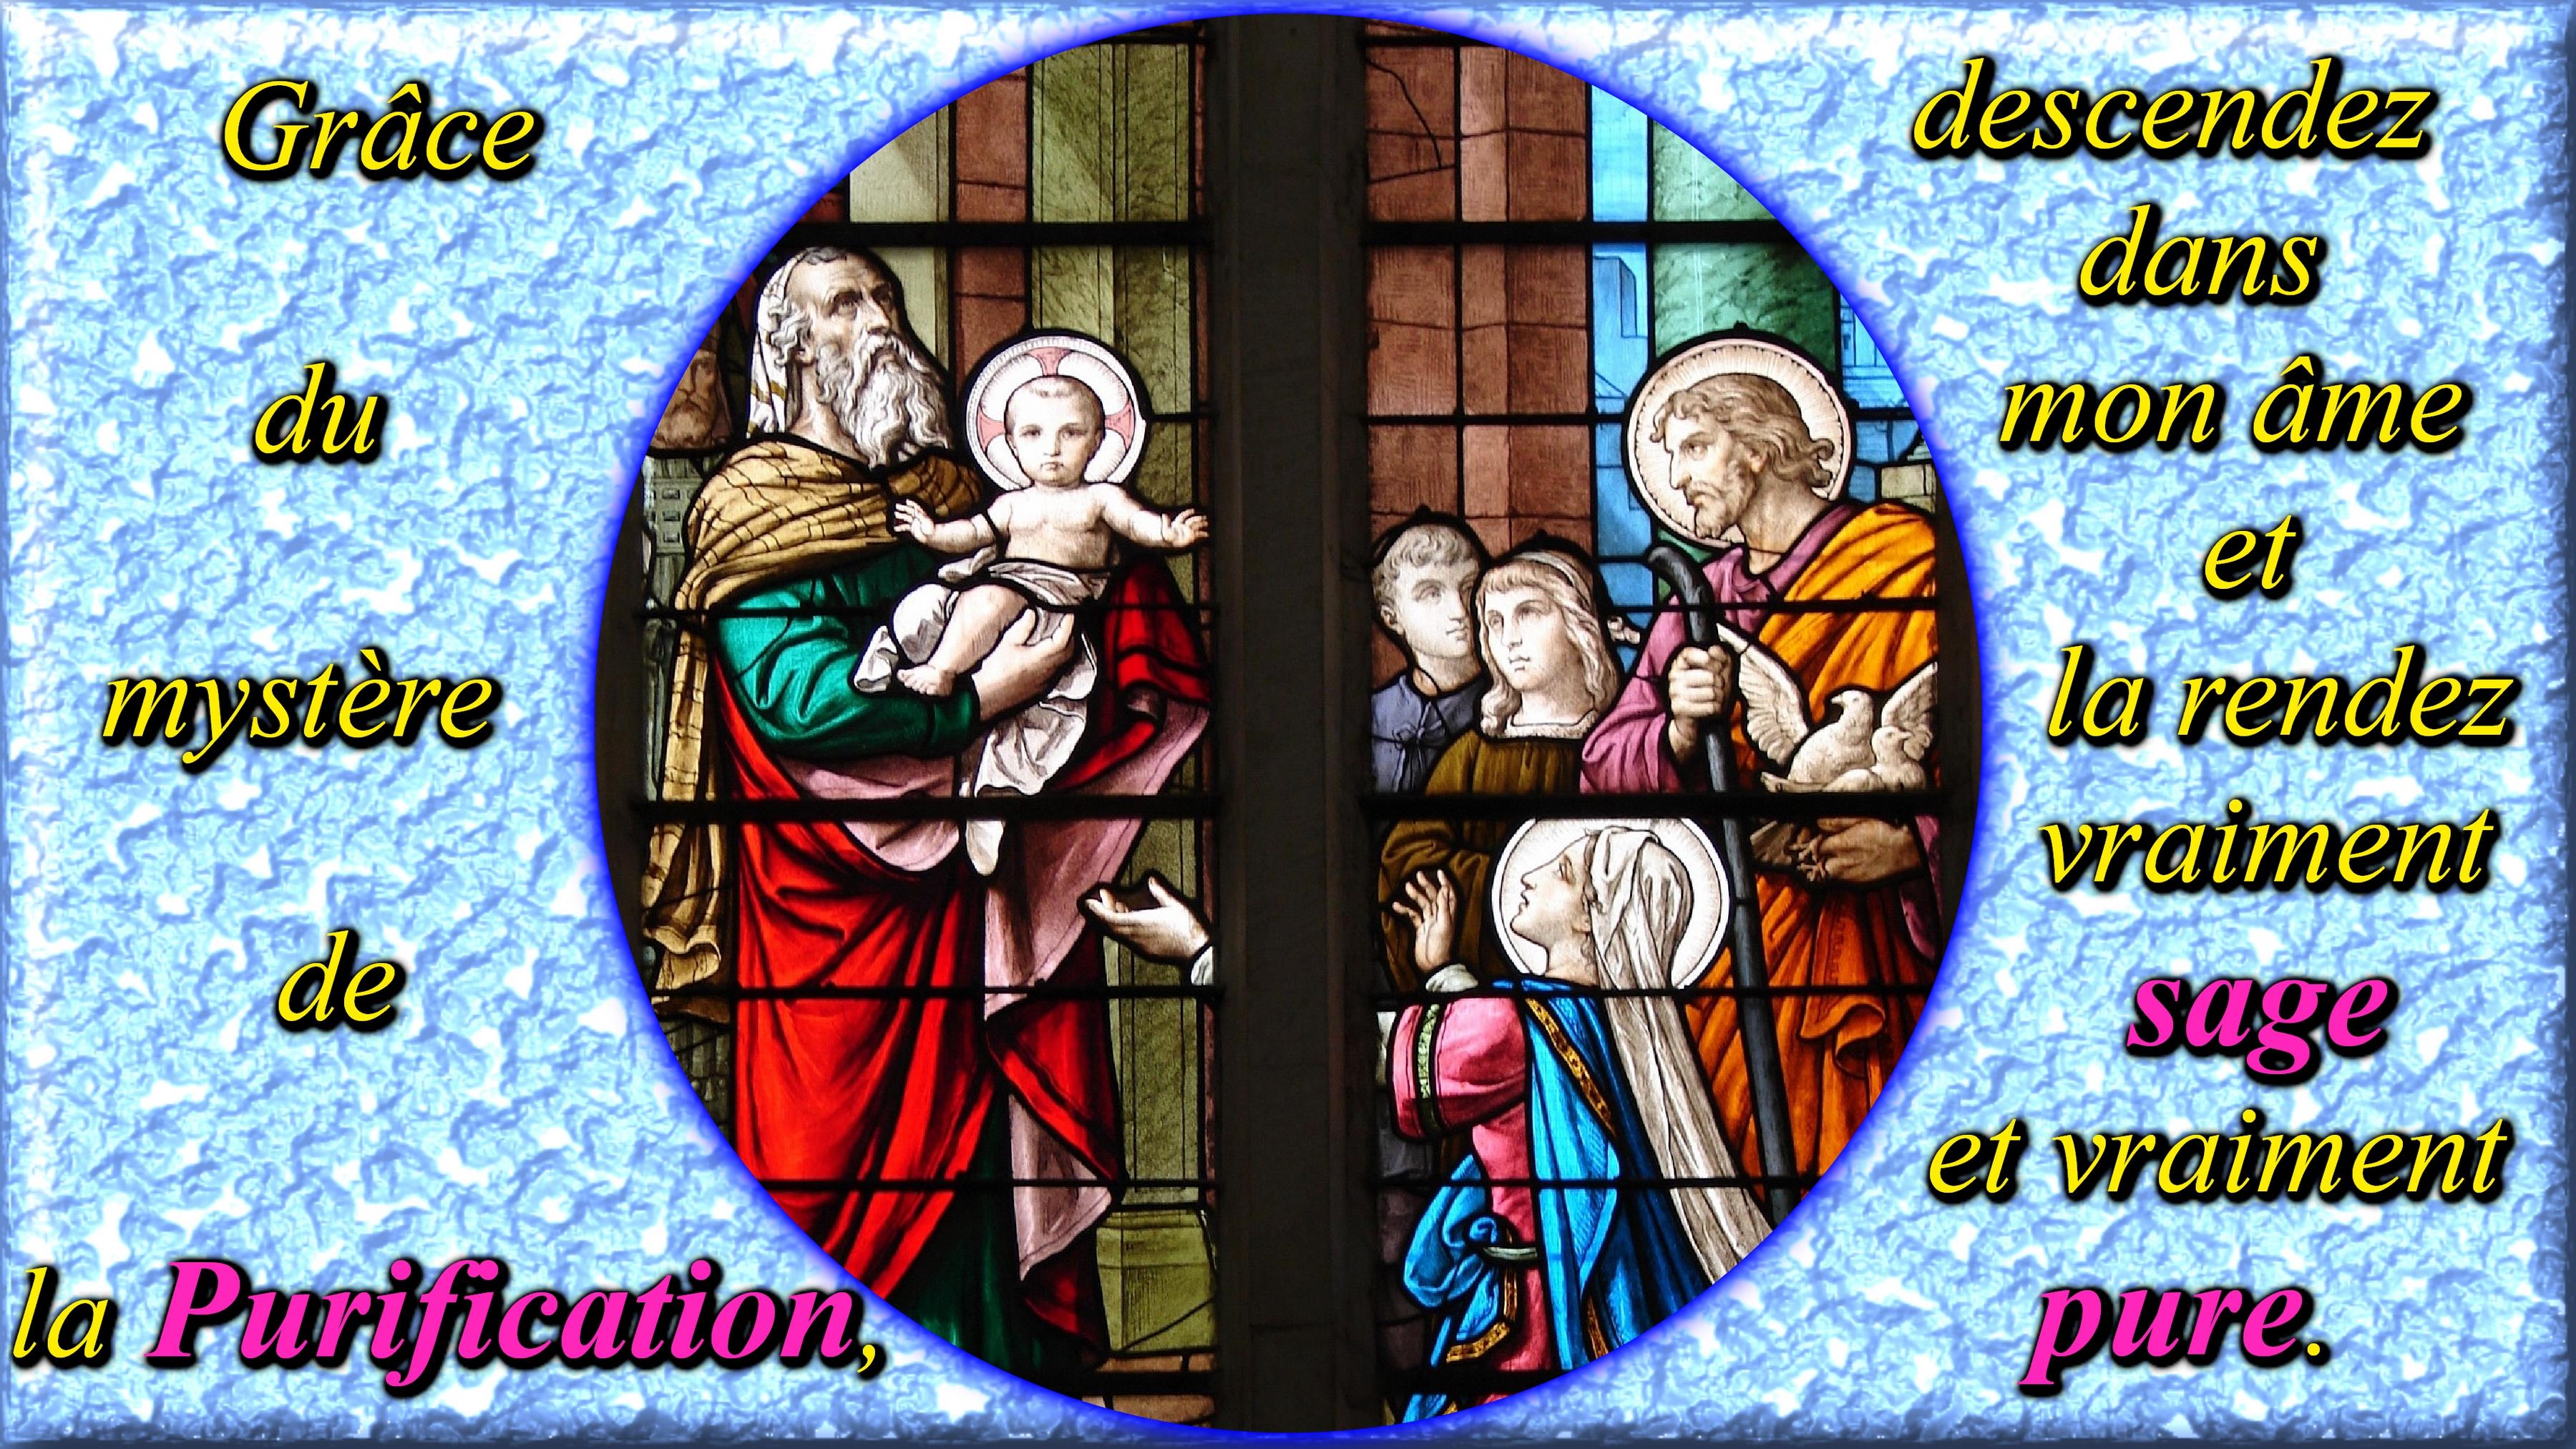 Le Rosaire en Images Les-15-myst-res-d...entation-555daa0